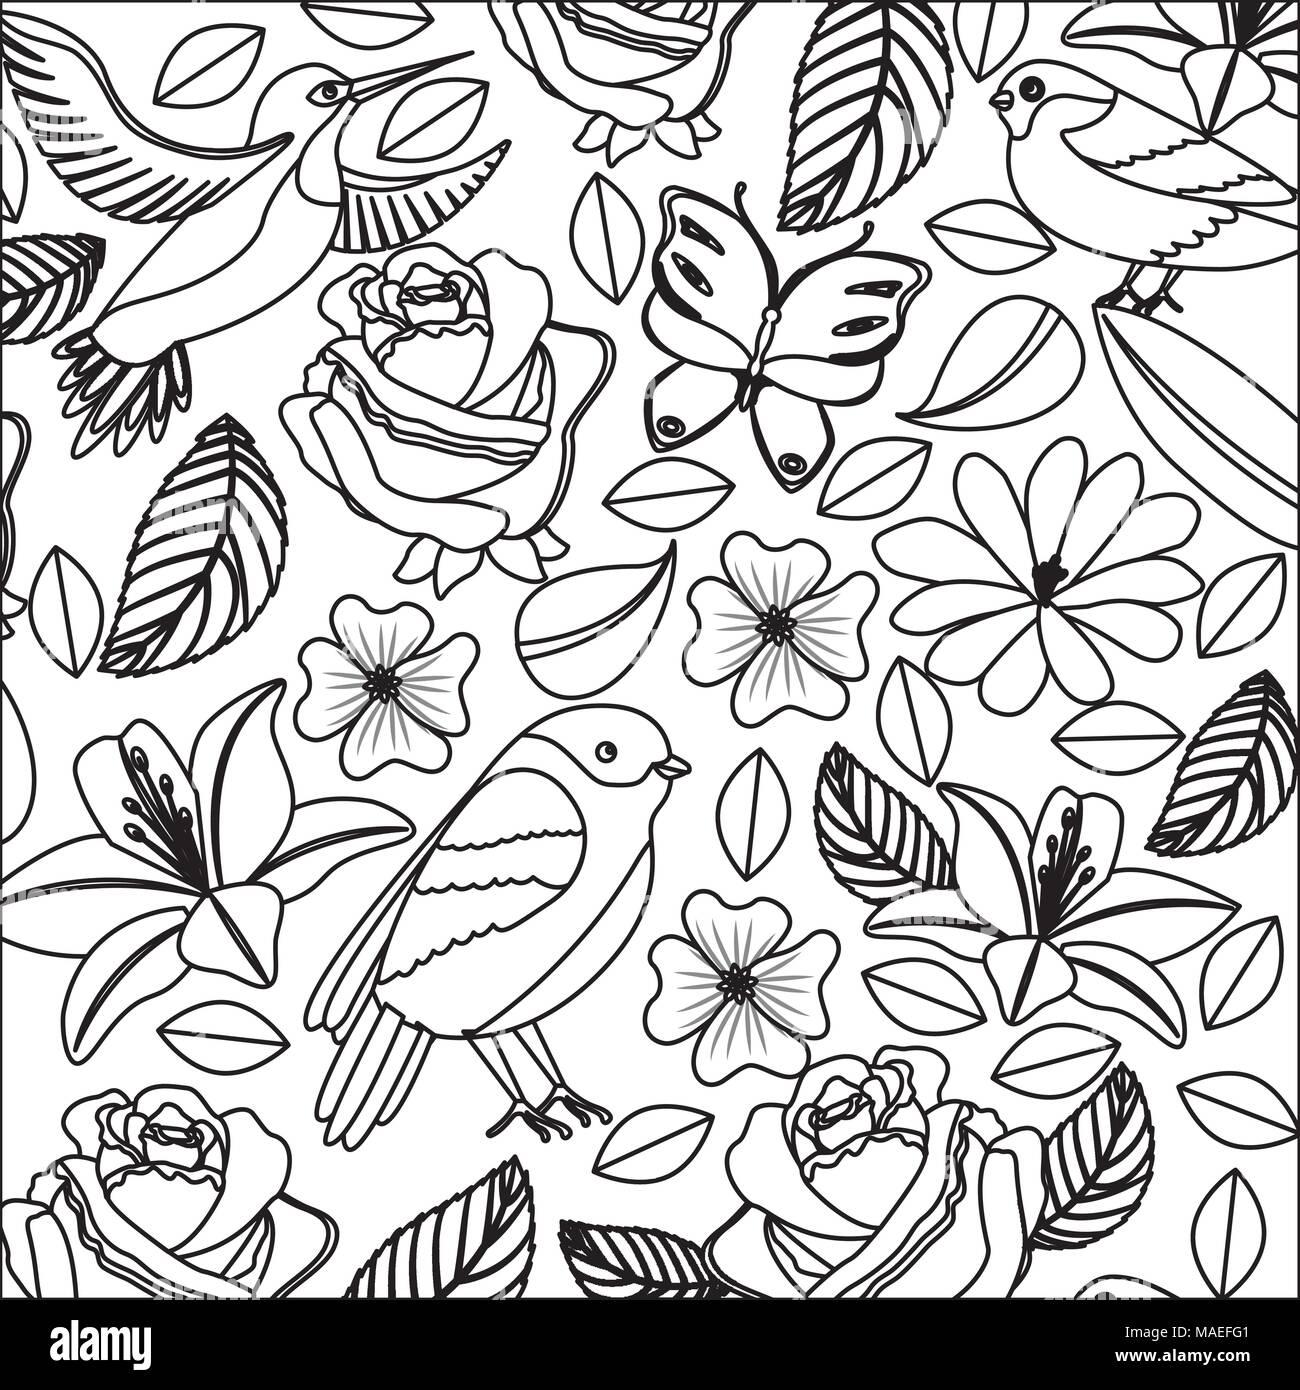 Antecedentes vintage flores delicadas aves mariposas ilustración vectorial Ilustración del Vector